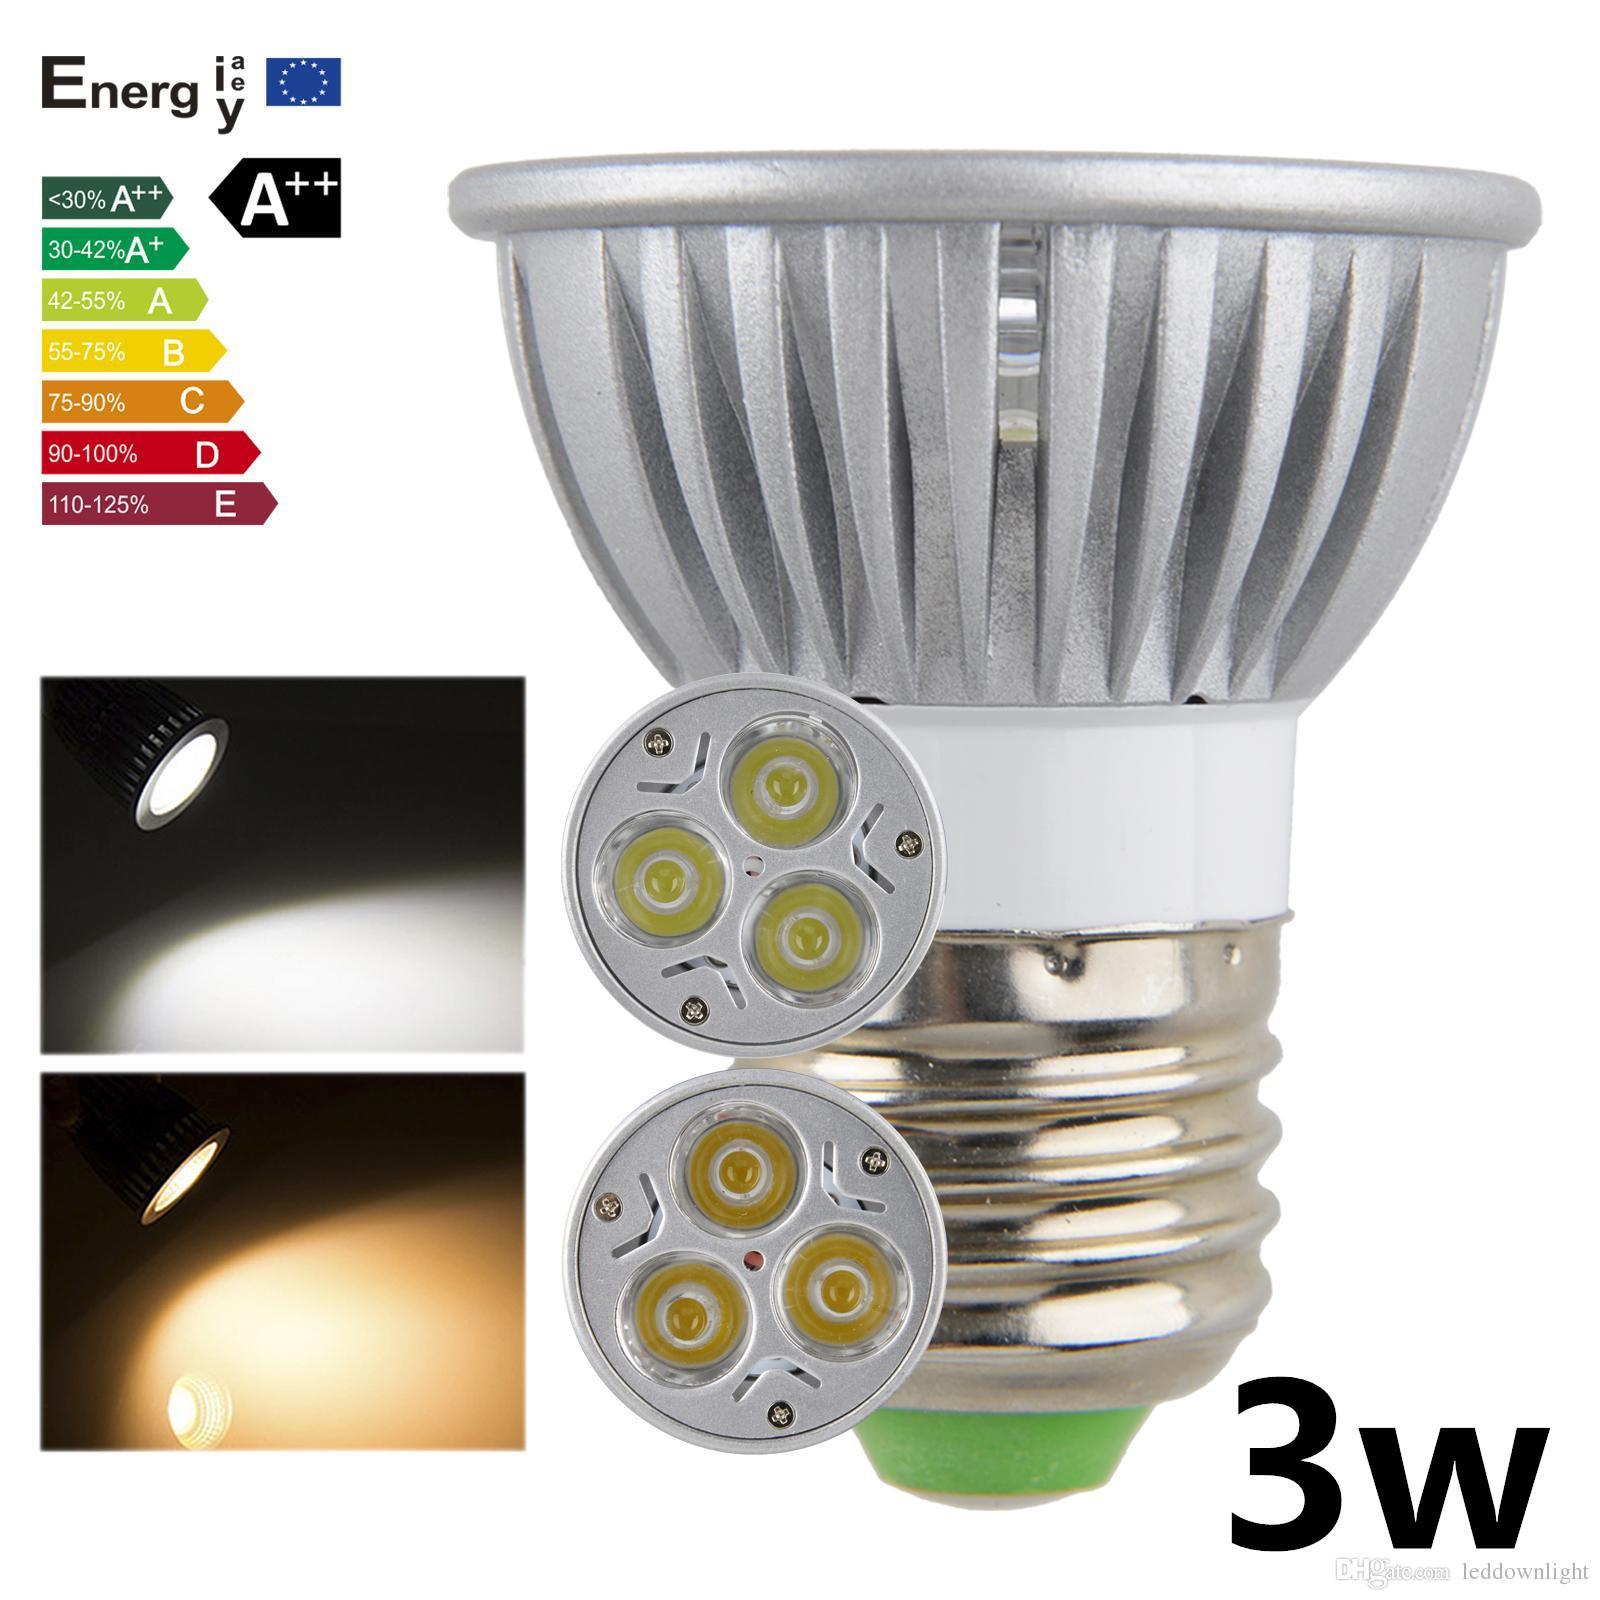 x100-high-power-led-lamp-gu10-e27-b22-mr16 Spannende High Power Led E27 Dekorationen